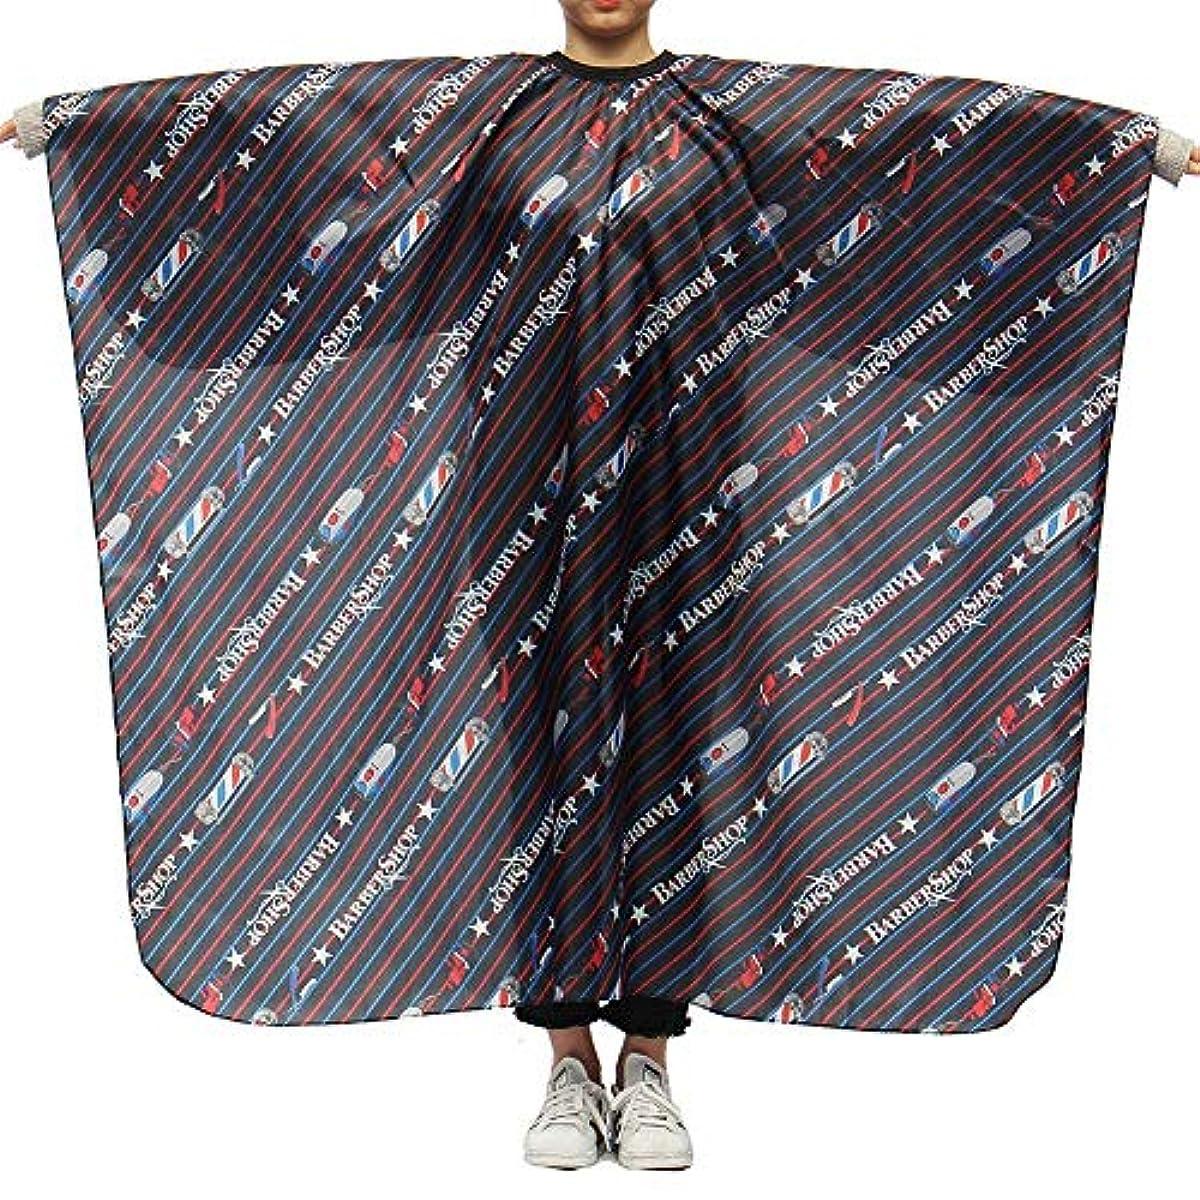 文房具ハードリングアサートLing(リンー)-ビューティー 理髪ケープ 理髪布 店用 家庭用 通気性 滑らか ポリエステル製